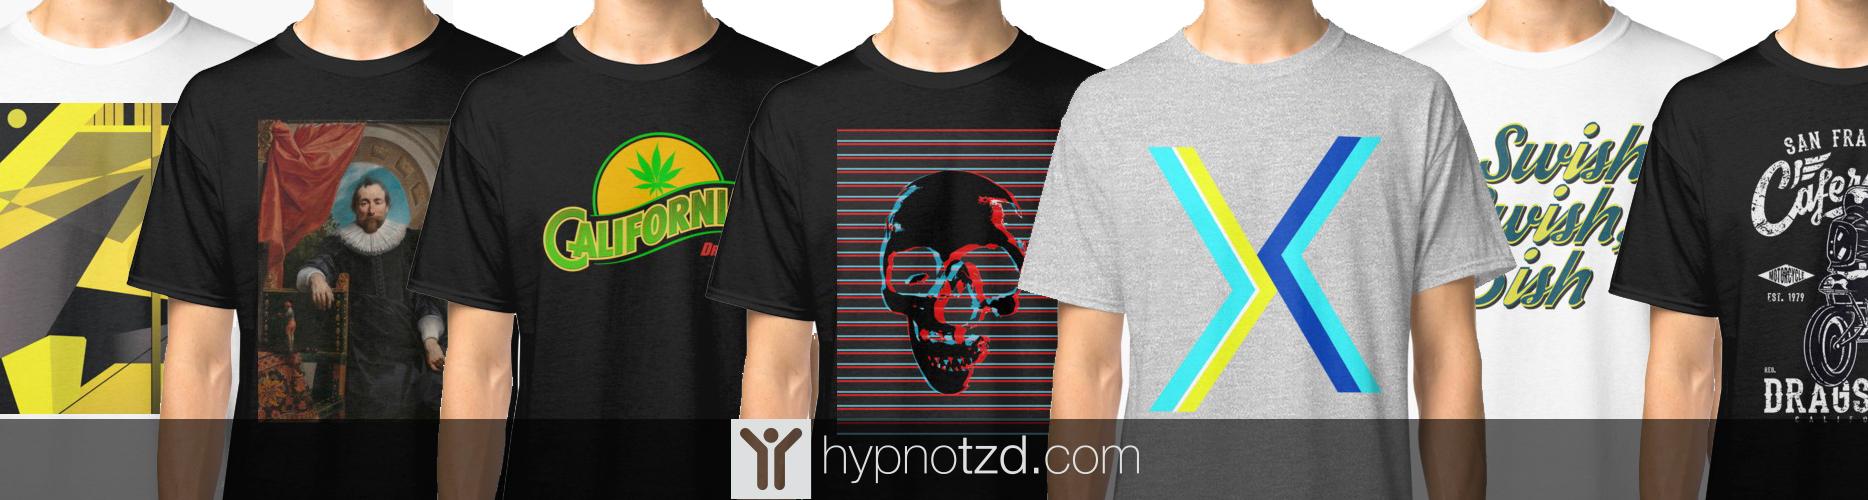 Loja Hypnotzd.com